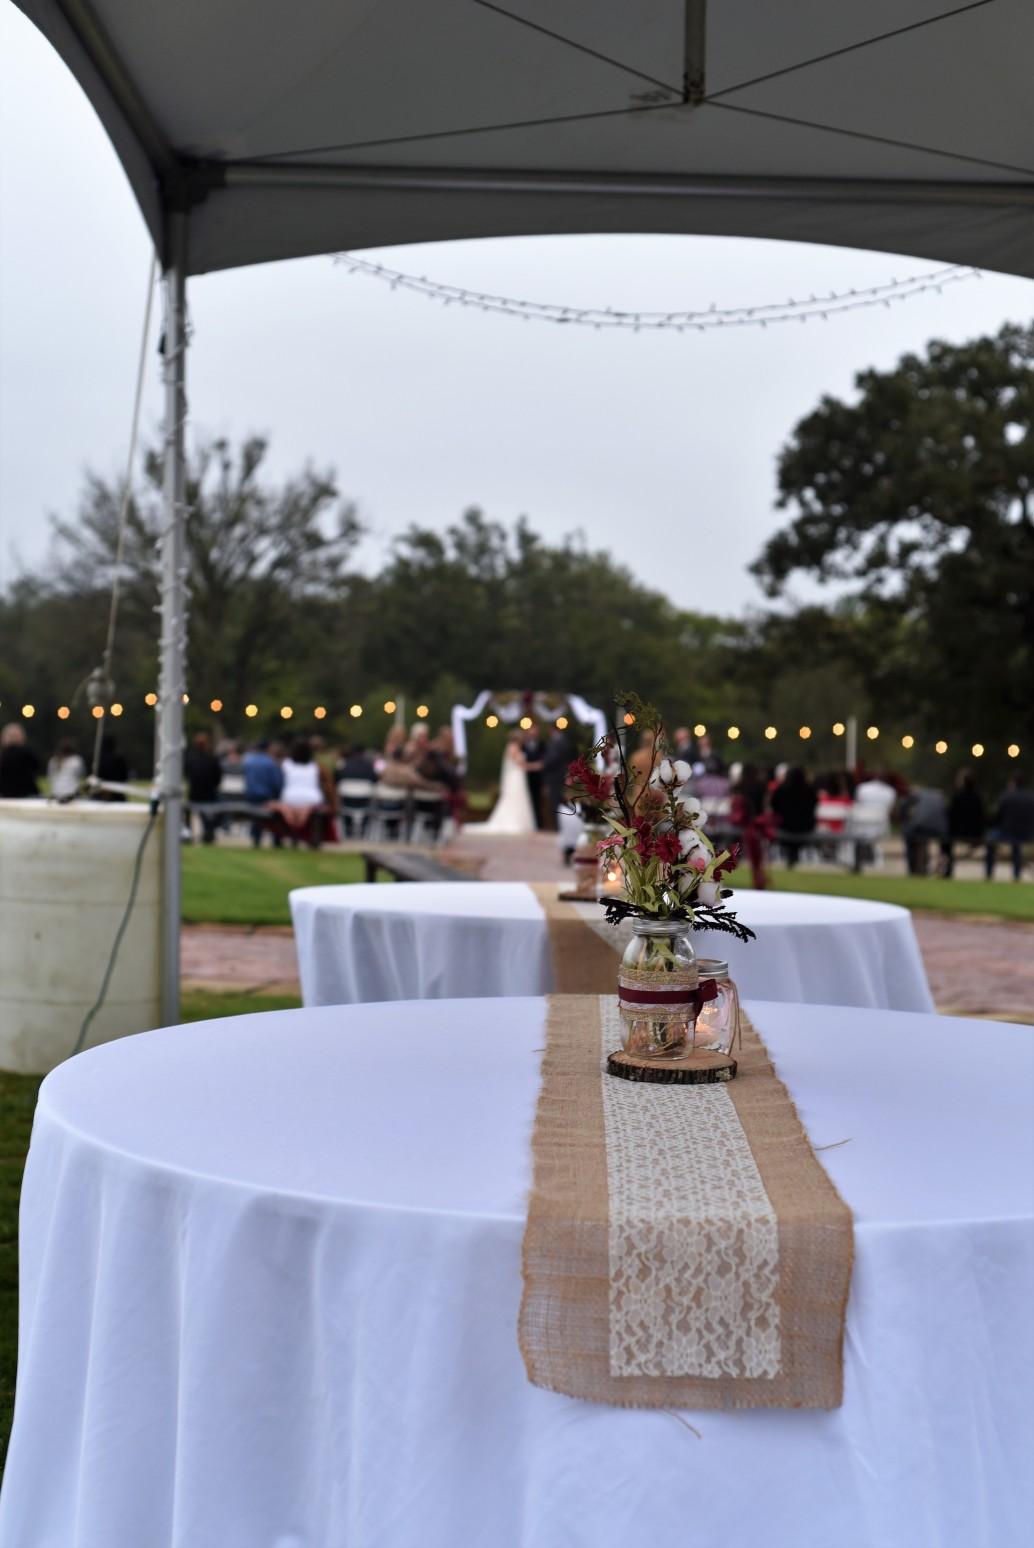 Tulsa Wedding Venues 10-13-18 (11)